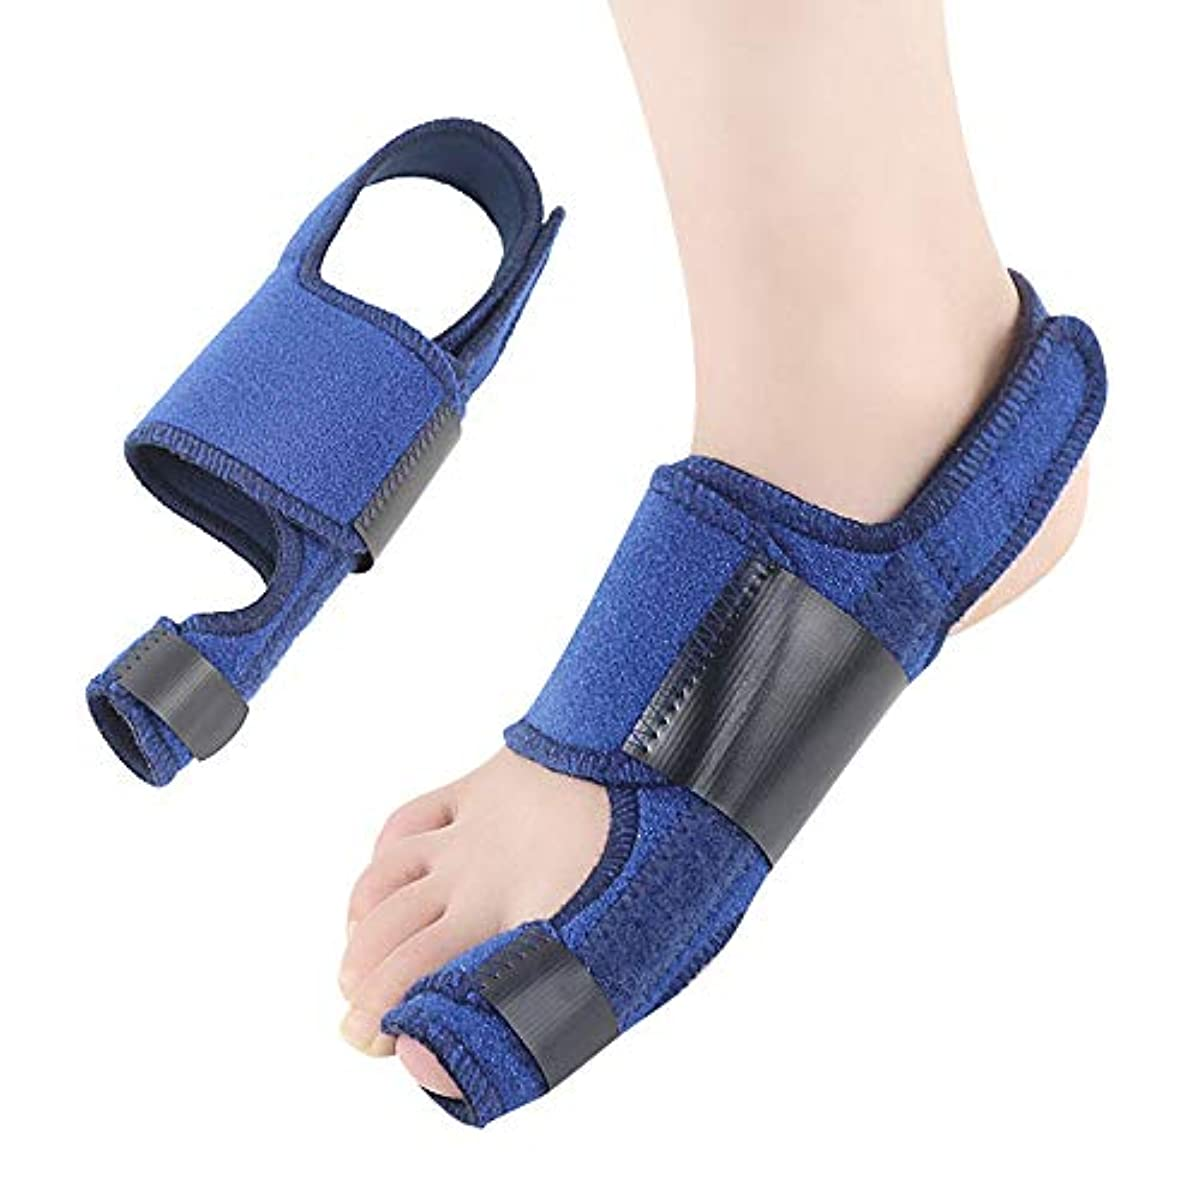 出くわす靴下租界外反母趾足指セパレーターは足指重複嚢胞通気性吸収汗ワンサイズを防止し、ヨガ後の痛みと変形を軽減